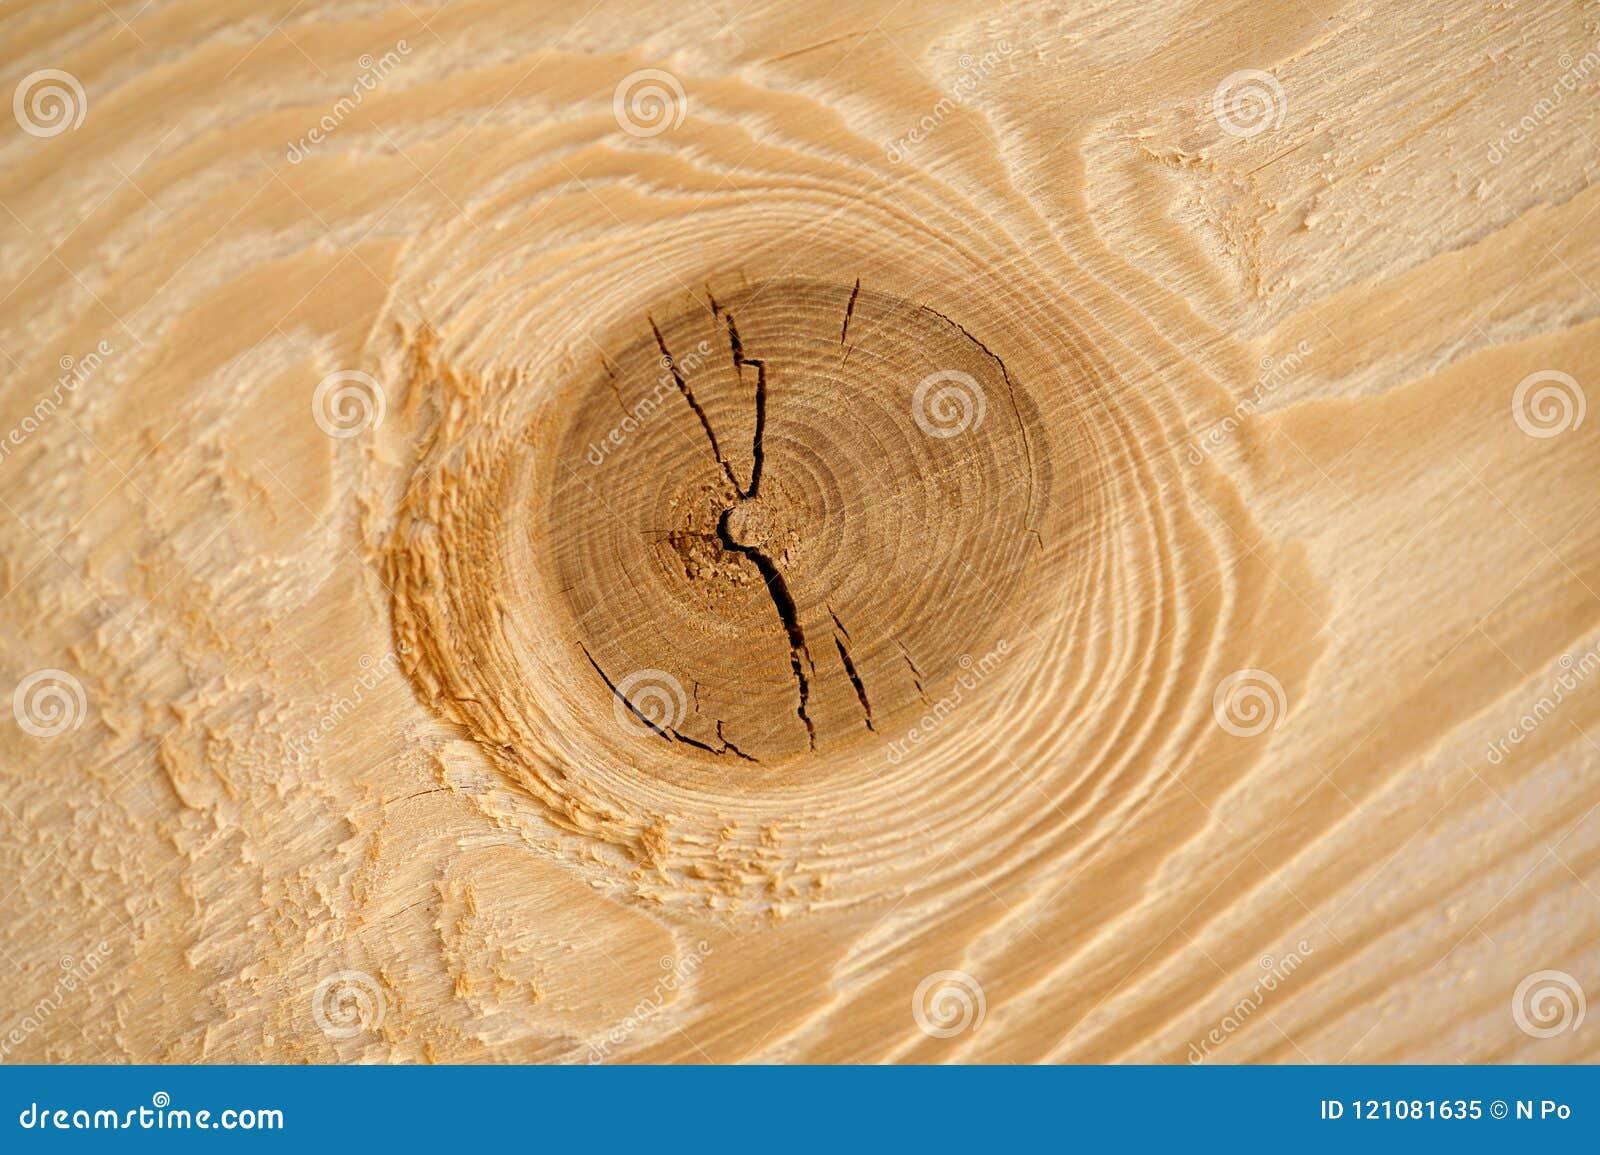 Texture of fractured wood macro